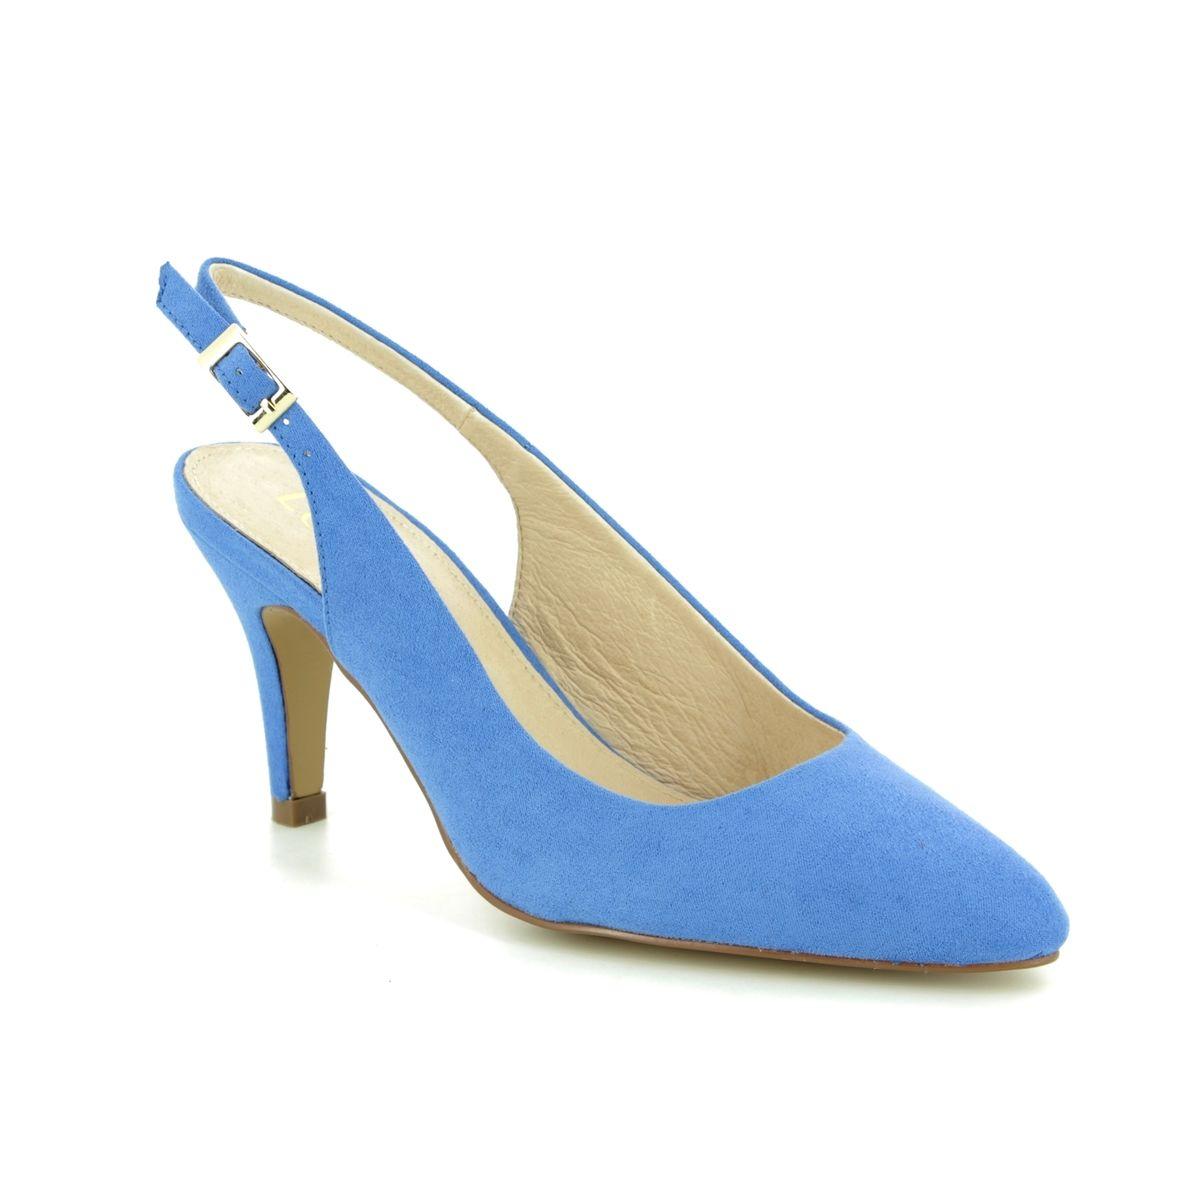 e7244d883e Lotus Slingback Shoes - Pale blue - ULS056/71 LIZZIE